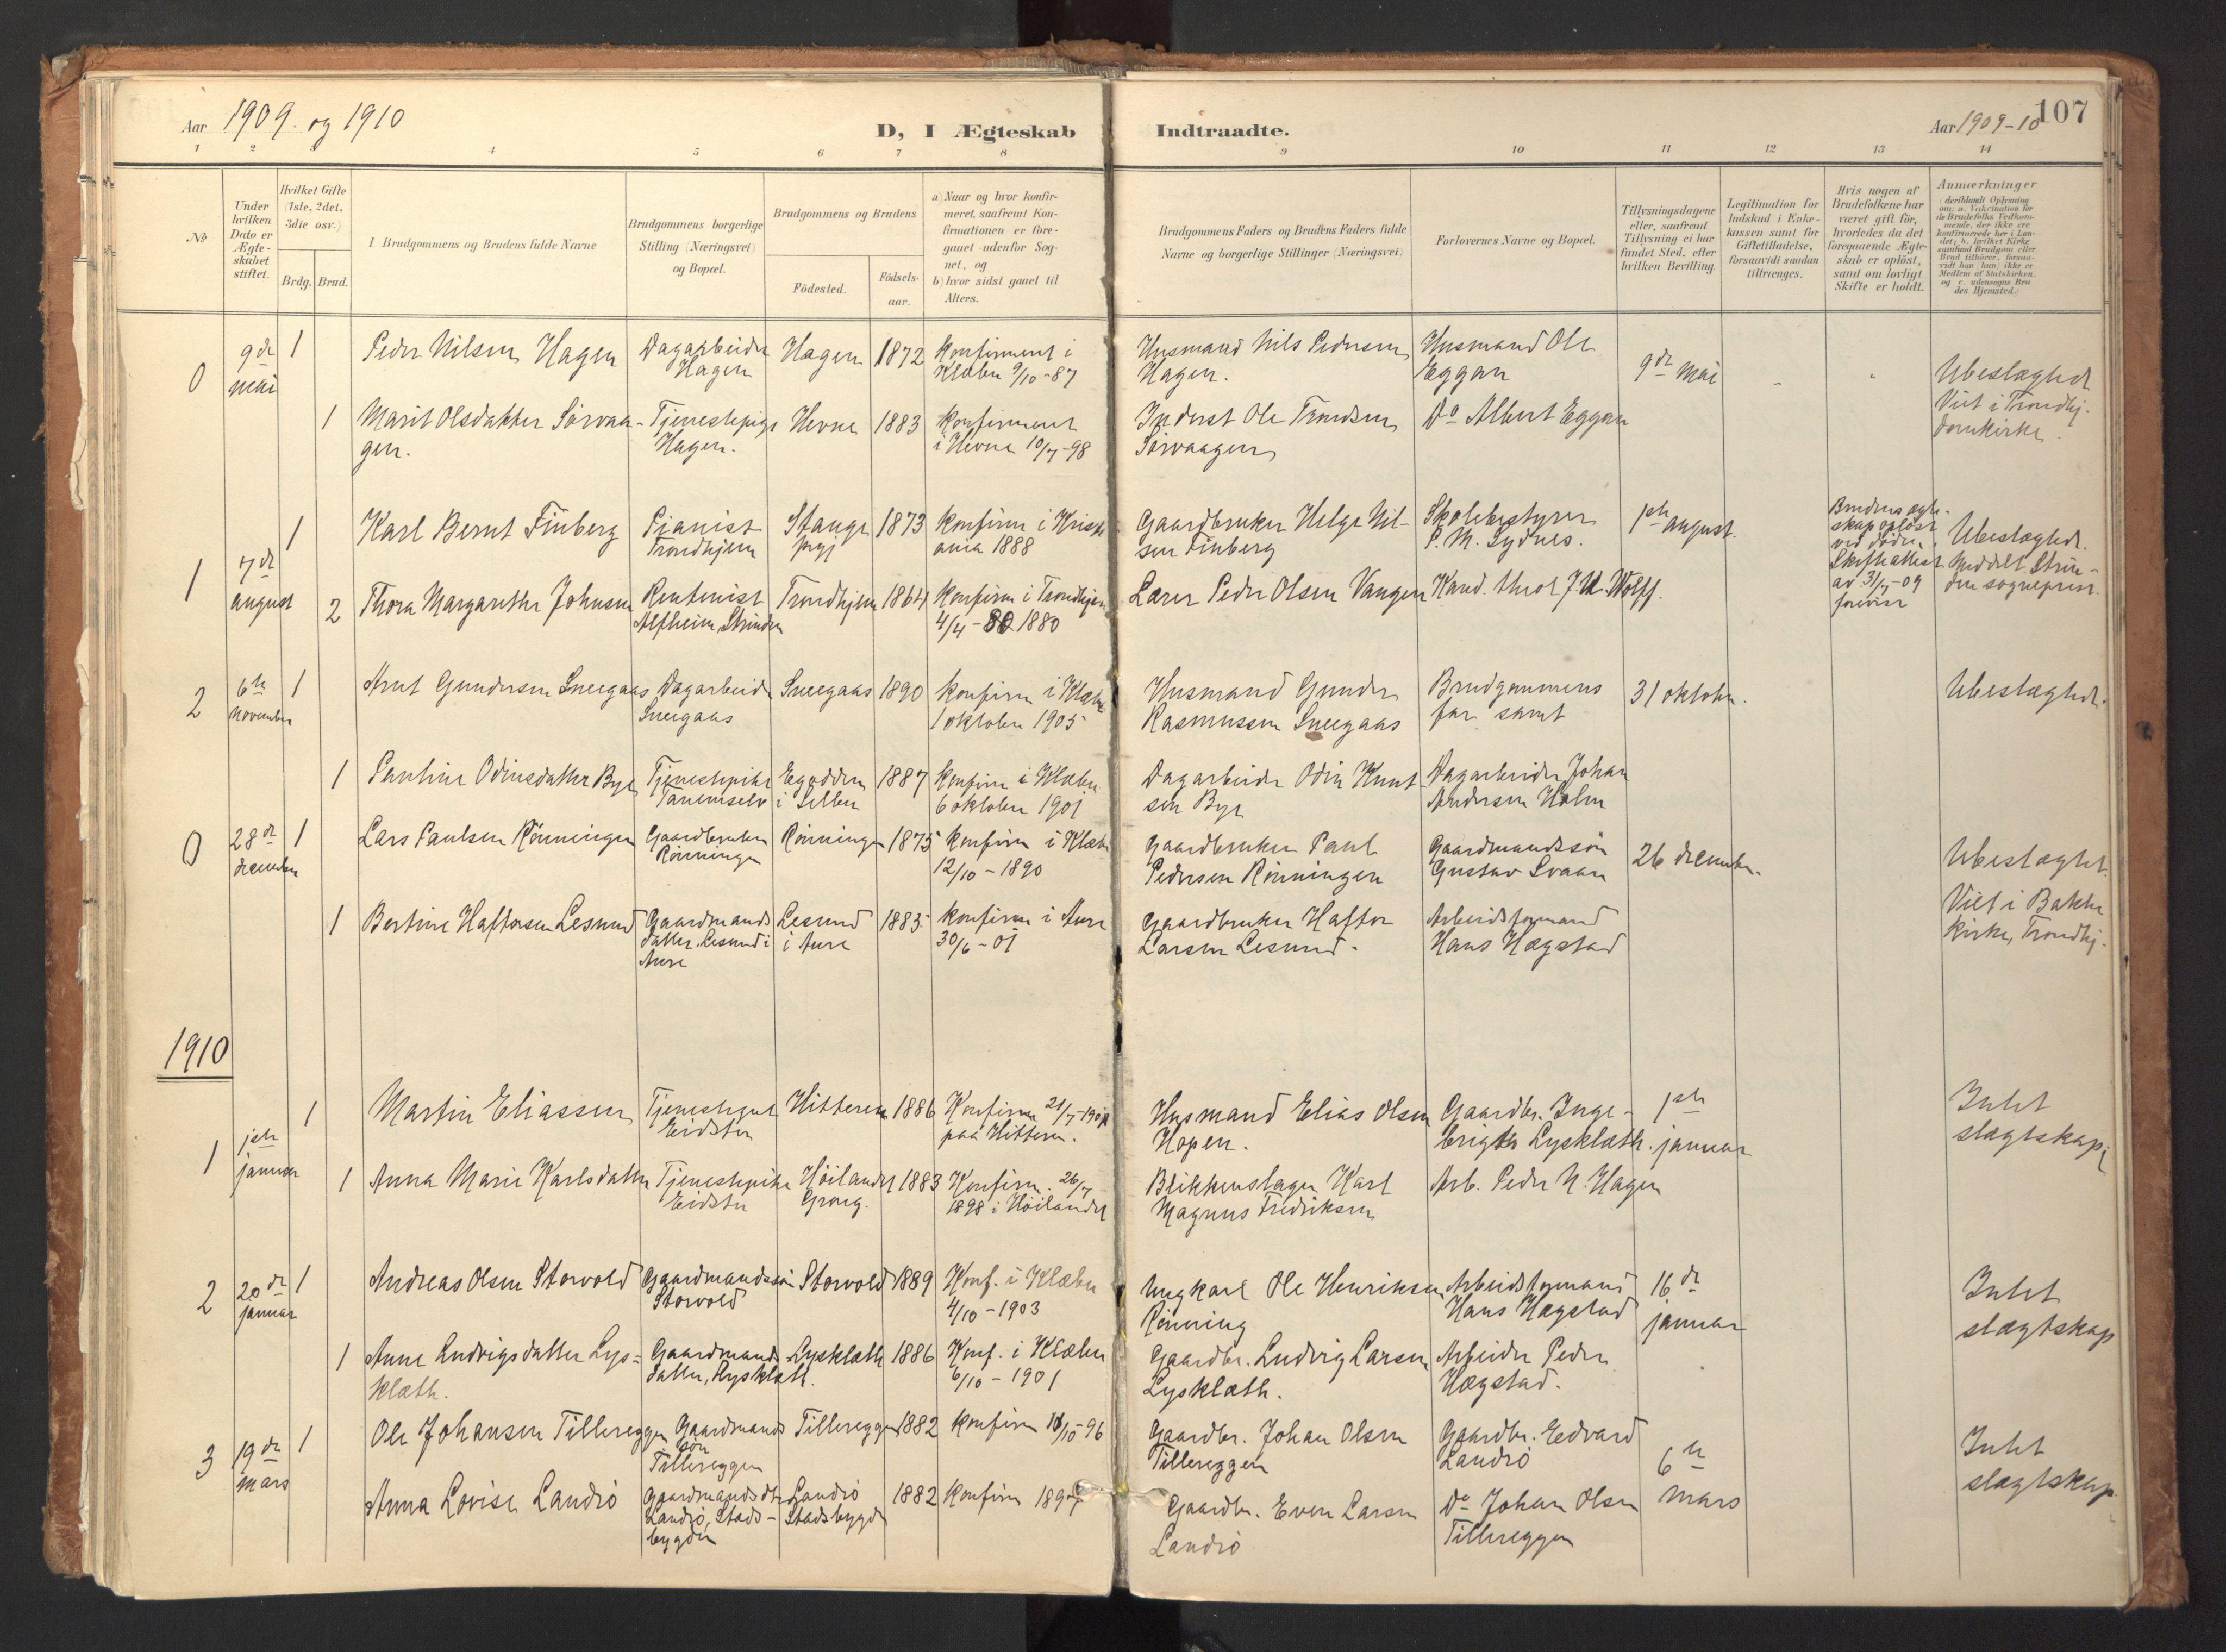 SAT, Ministerialprotokoller, klokkerbøker og fødselsregistre - Sør-Trøndelag, 618/L0448: Ministerialbok nr. 618A11, 1898-1916, s. 107